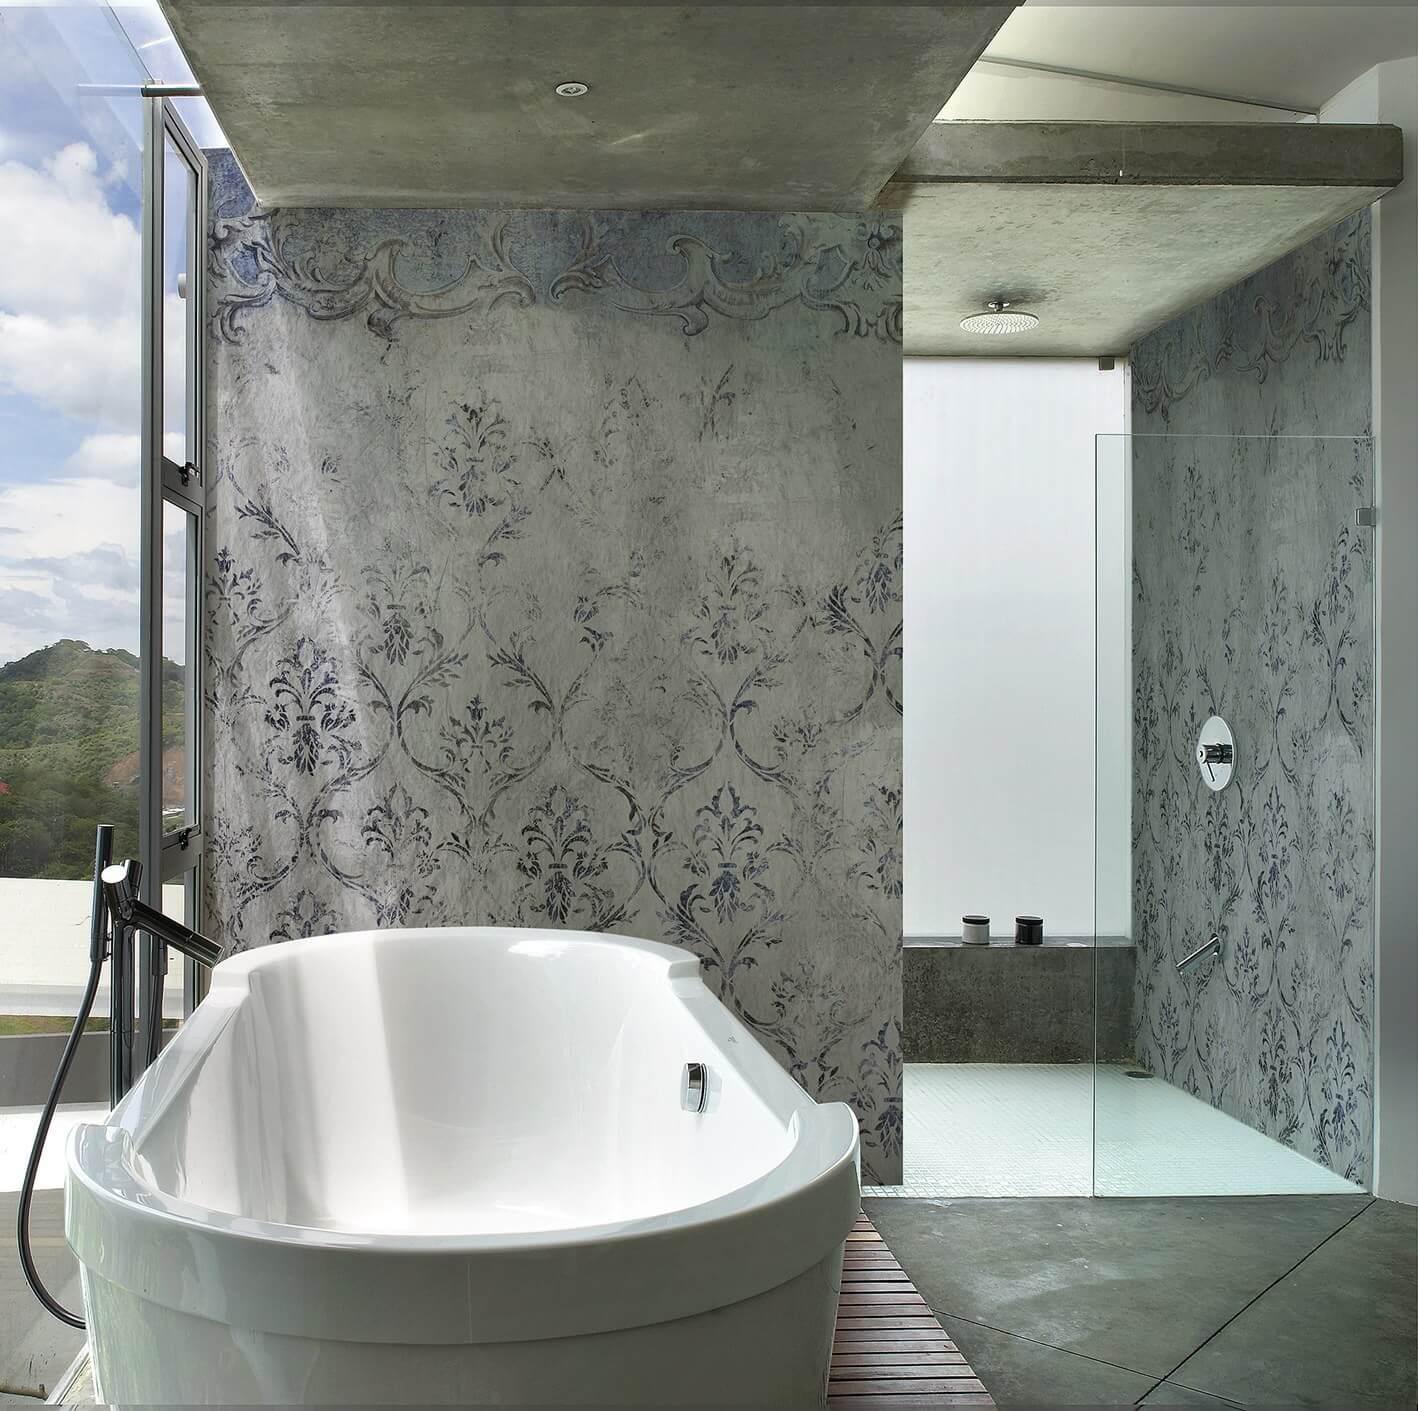 Wall and Deco Wet System | Tapeten für Ihr Luxusbad💎